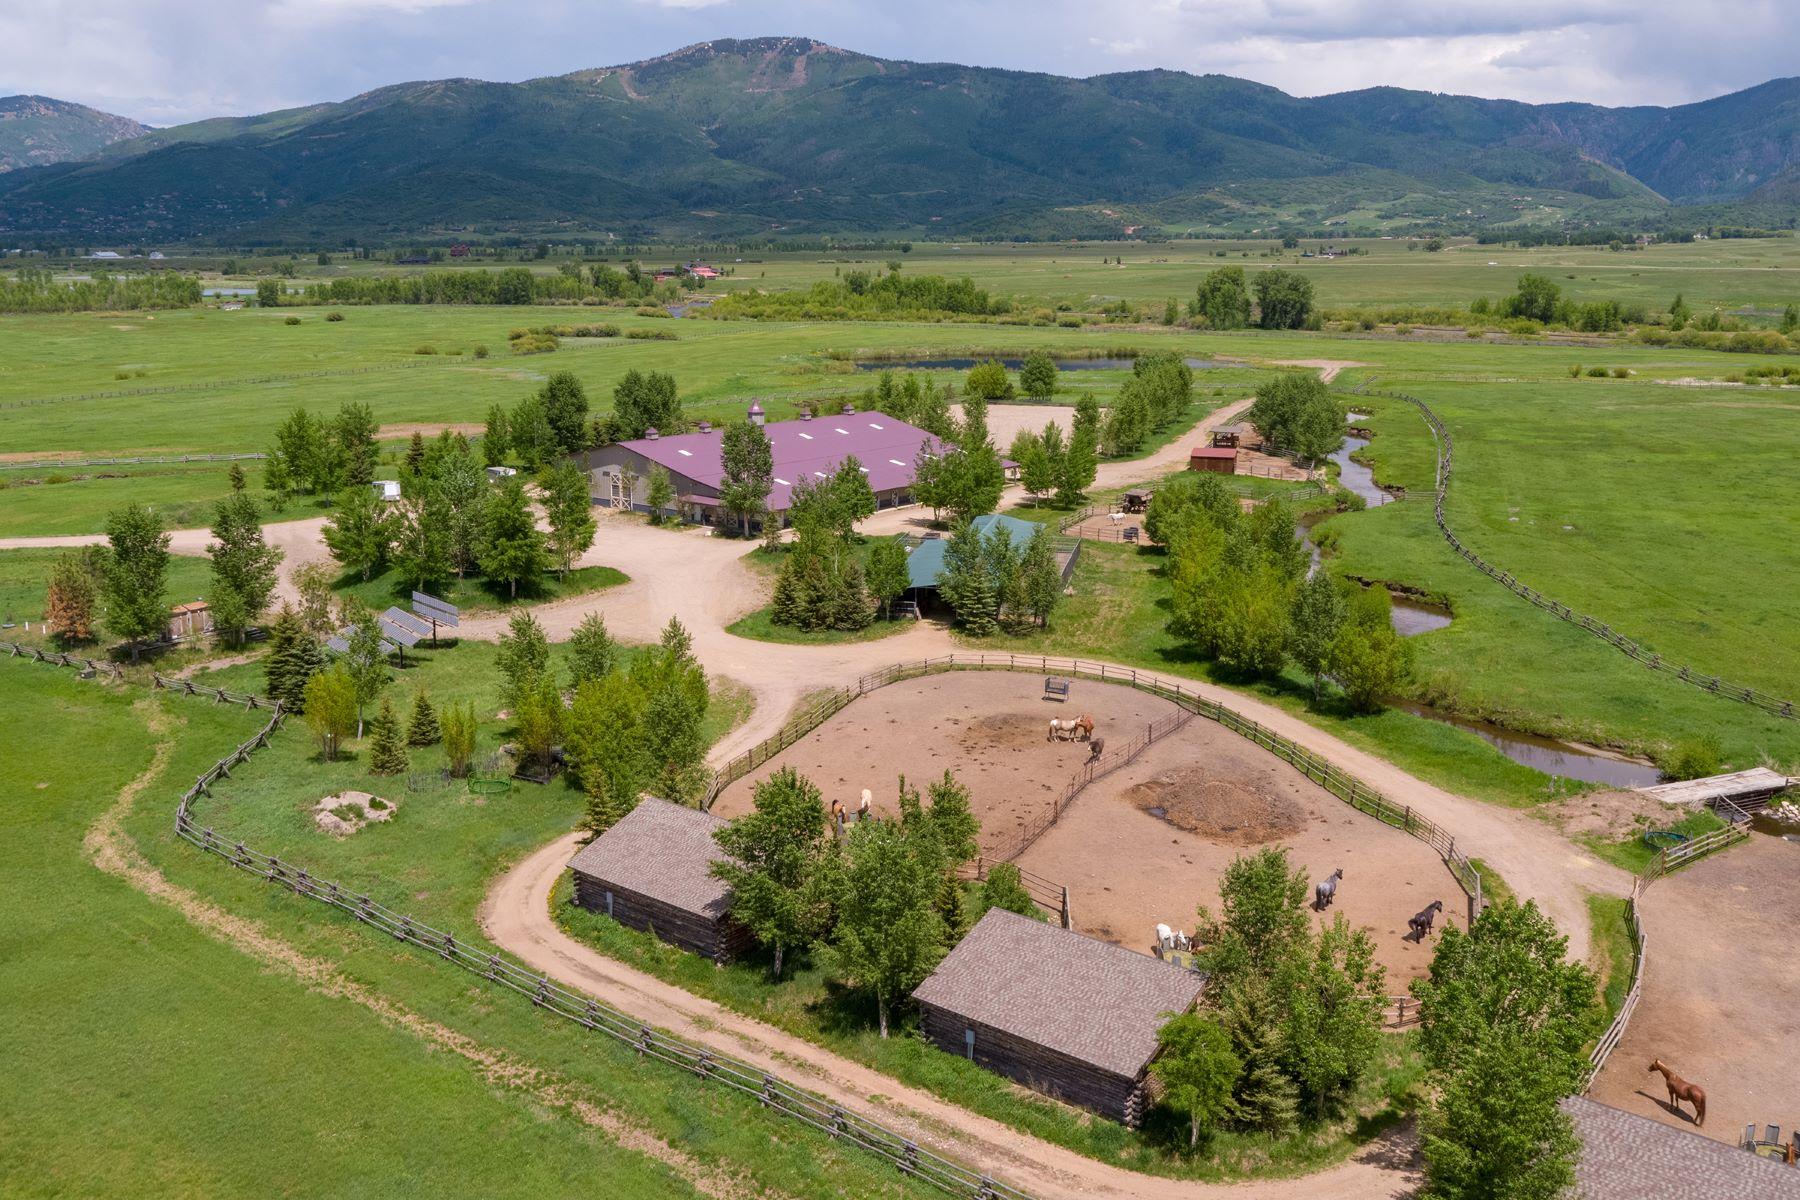 农场 / 牧场 / 种植园 为 销售 在 Wandering Creek Ranch 33850 (51 Acres) County Road 14 斯廷博特斯普林斯, 科罗拉多州 80487 美国